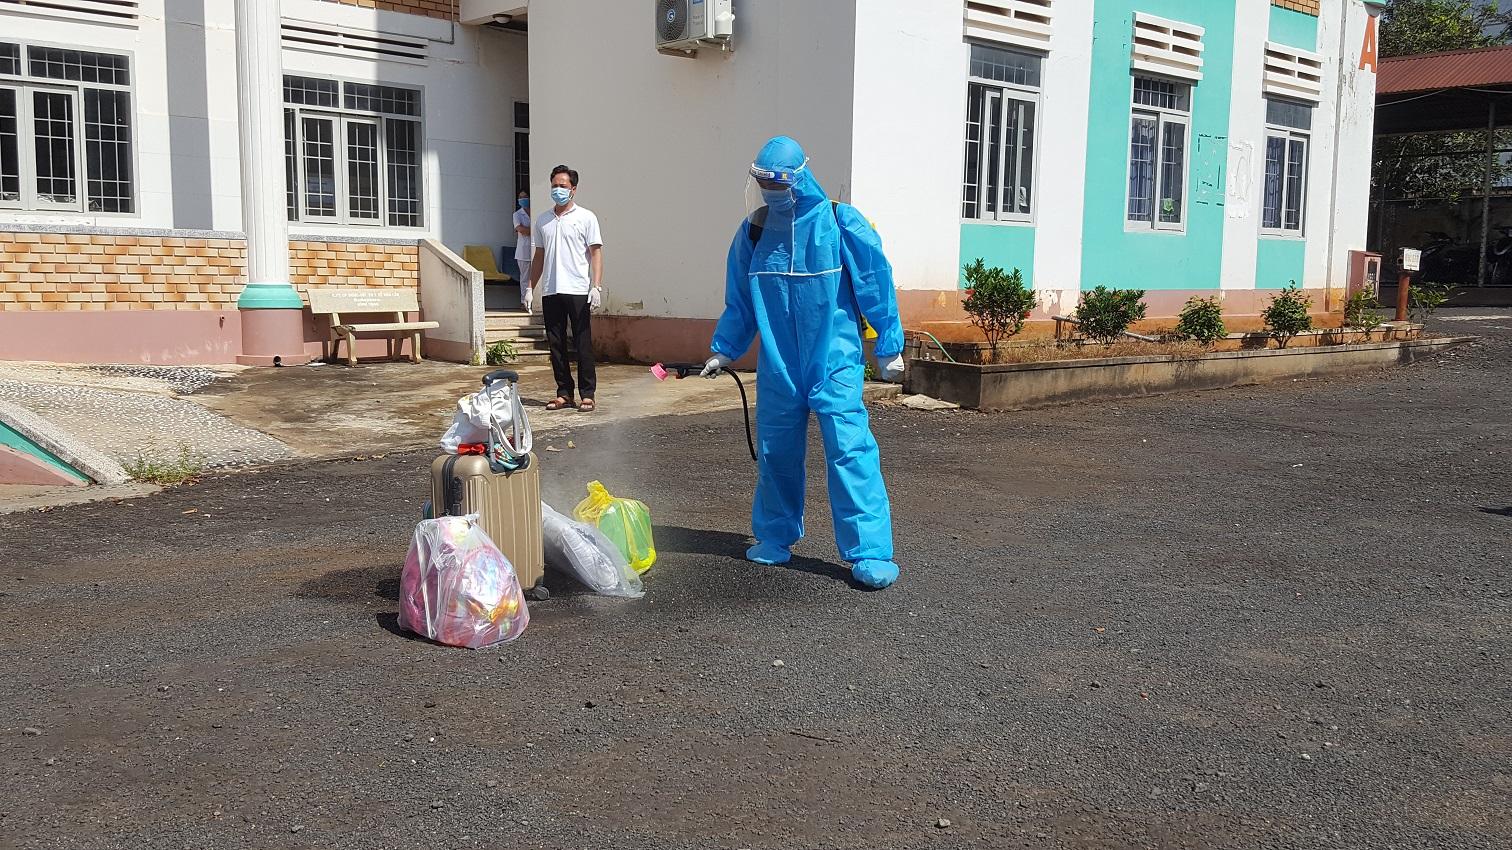 Công tác phòng chống dịch COVID-19 tại tỉnh Đắk Lắk đang được thực hiện nghiêm ngặt